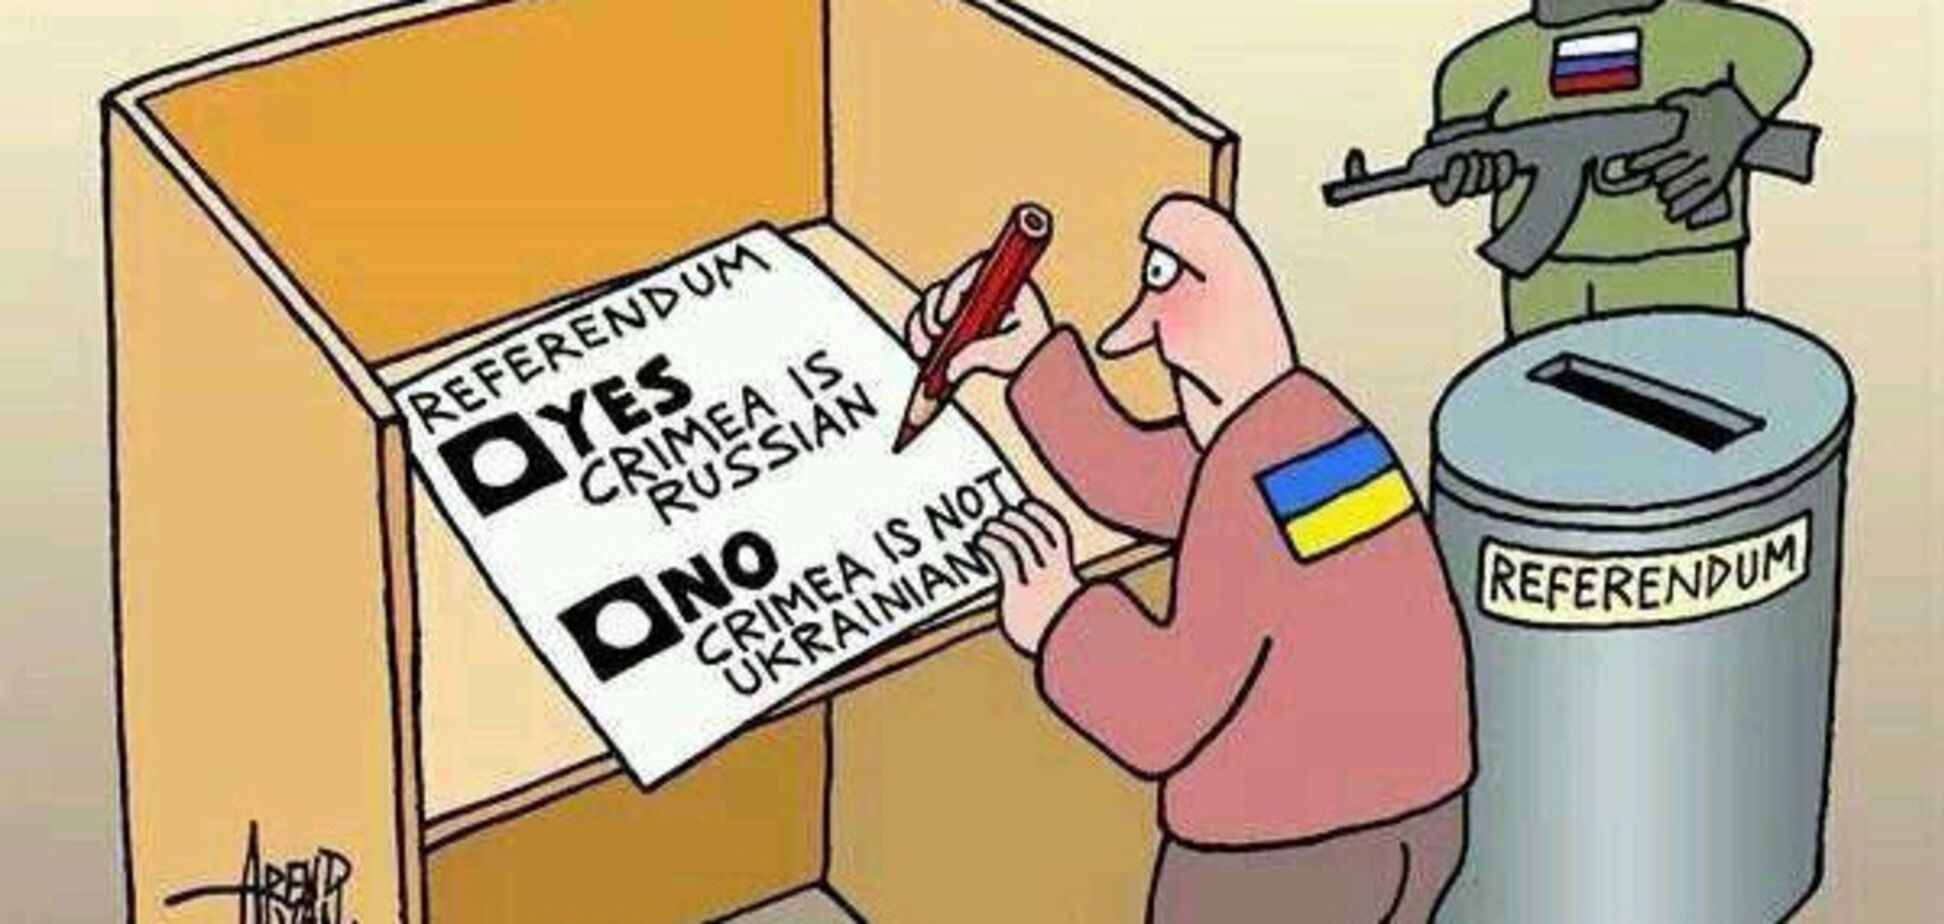 референдум крым карикатура